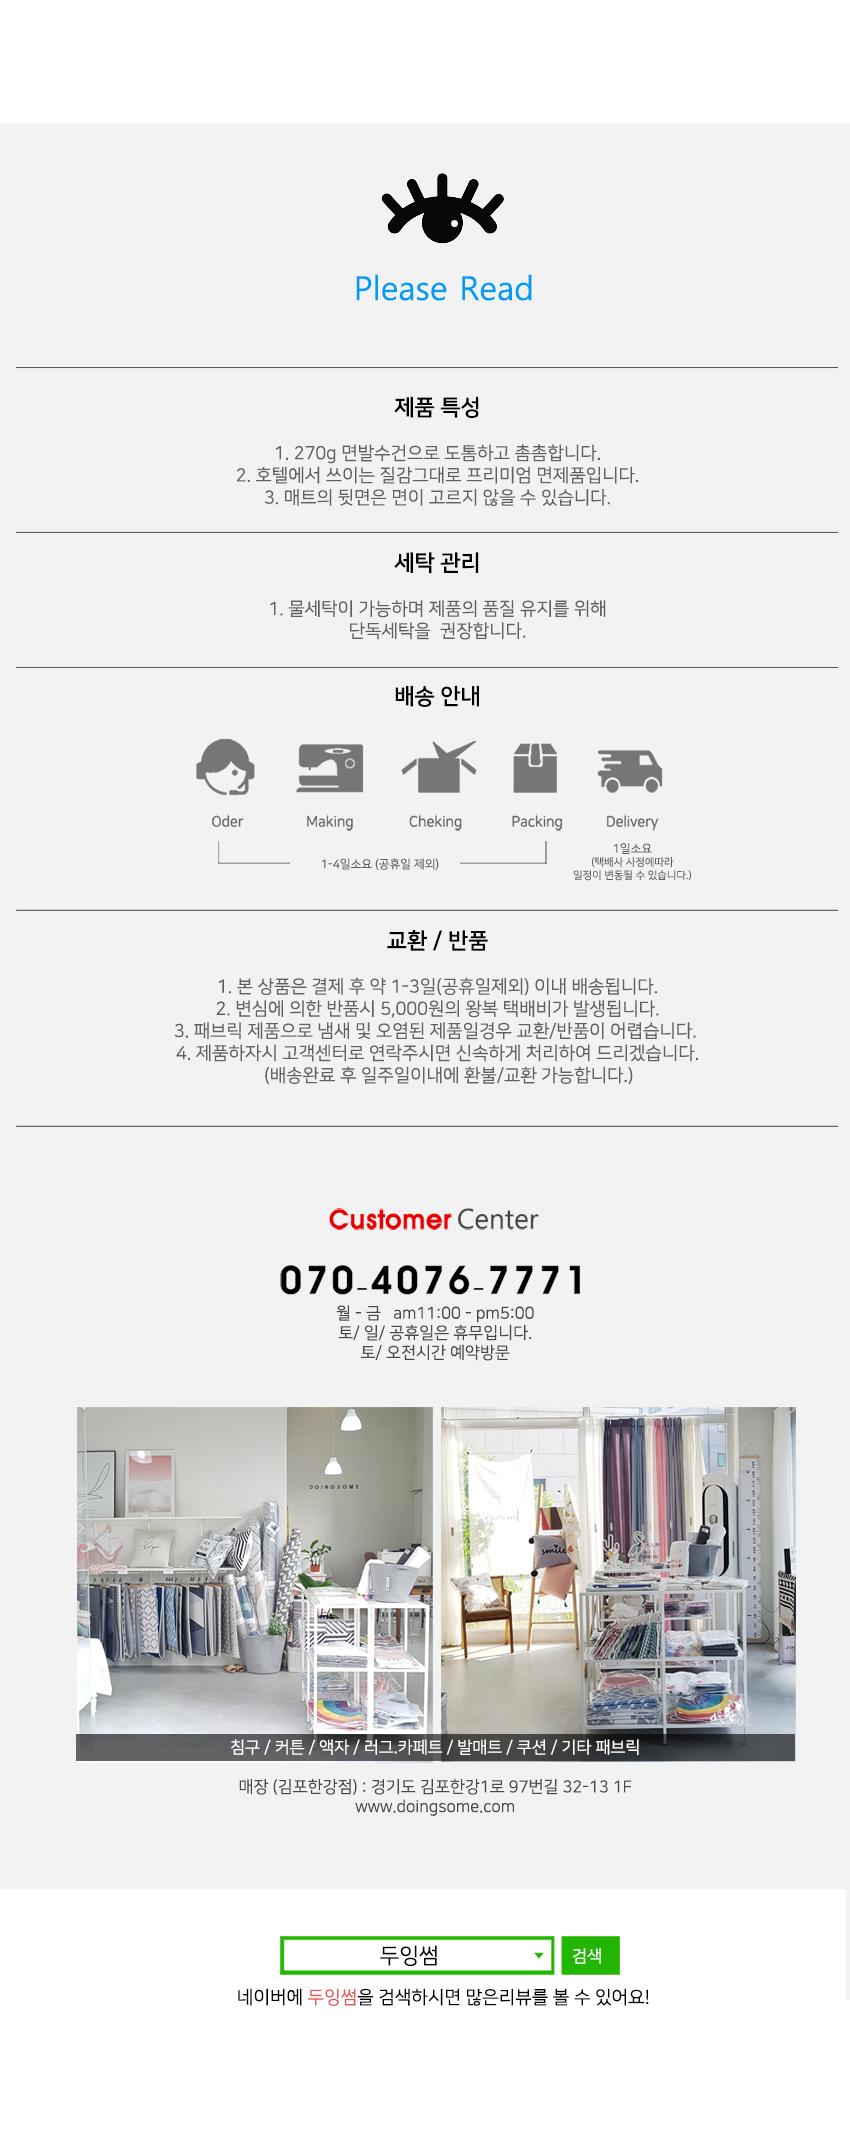 호텔 톡톡 면발매트 - 두잉썸, 13,000원, 디자인 발매트, 디자인